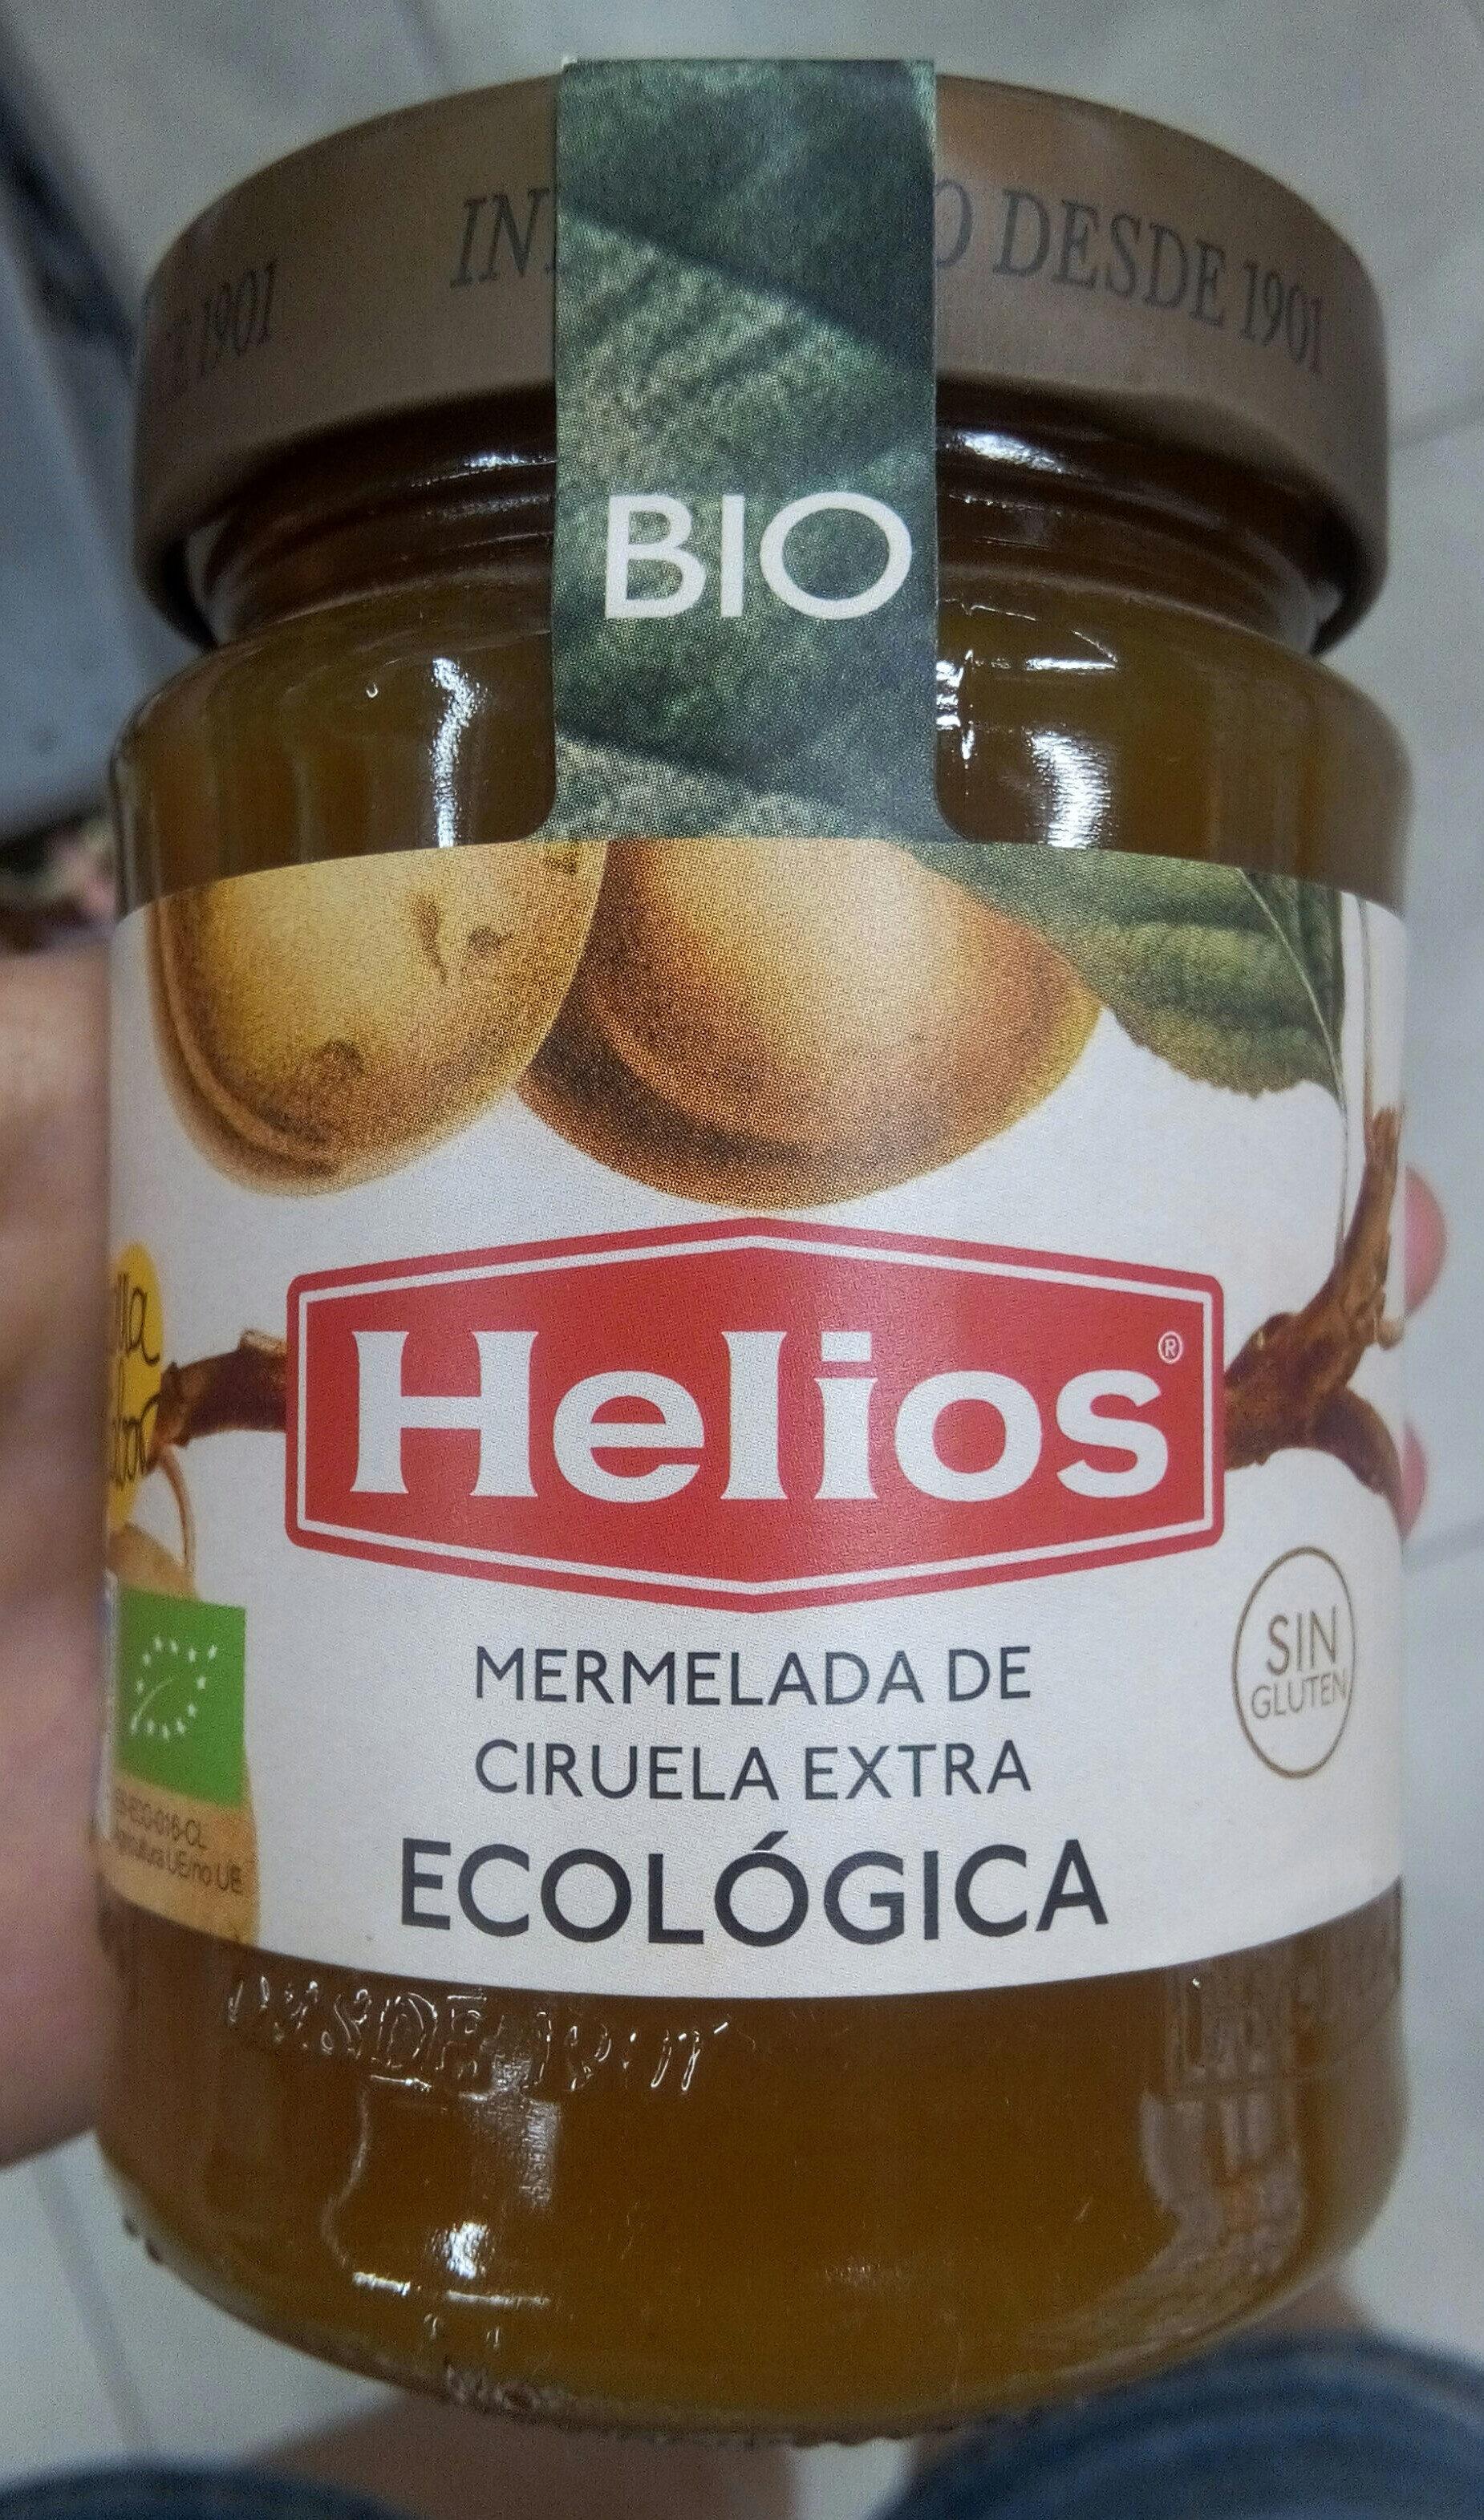 Mermelada de ciruela extra ecológica - Producto